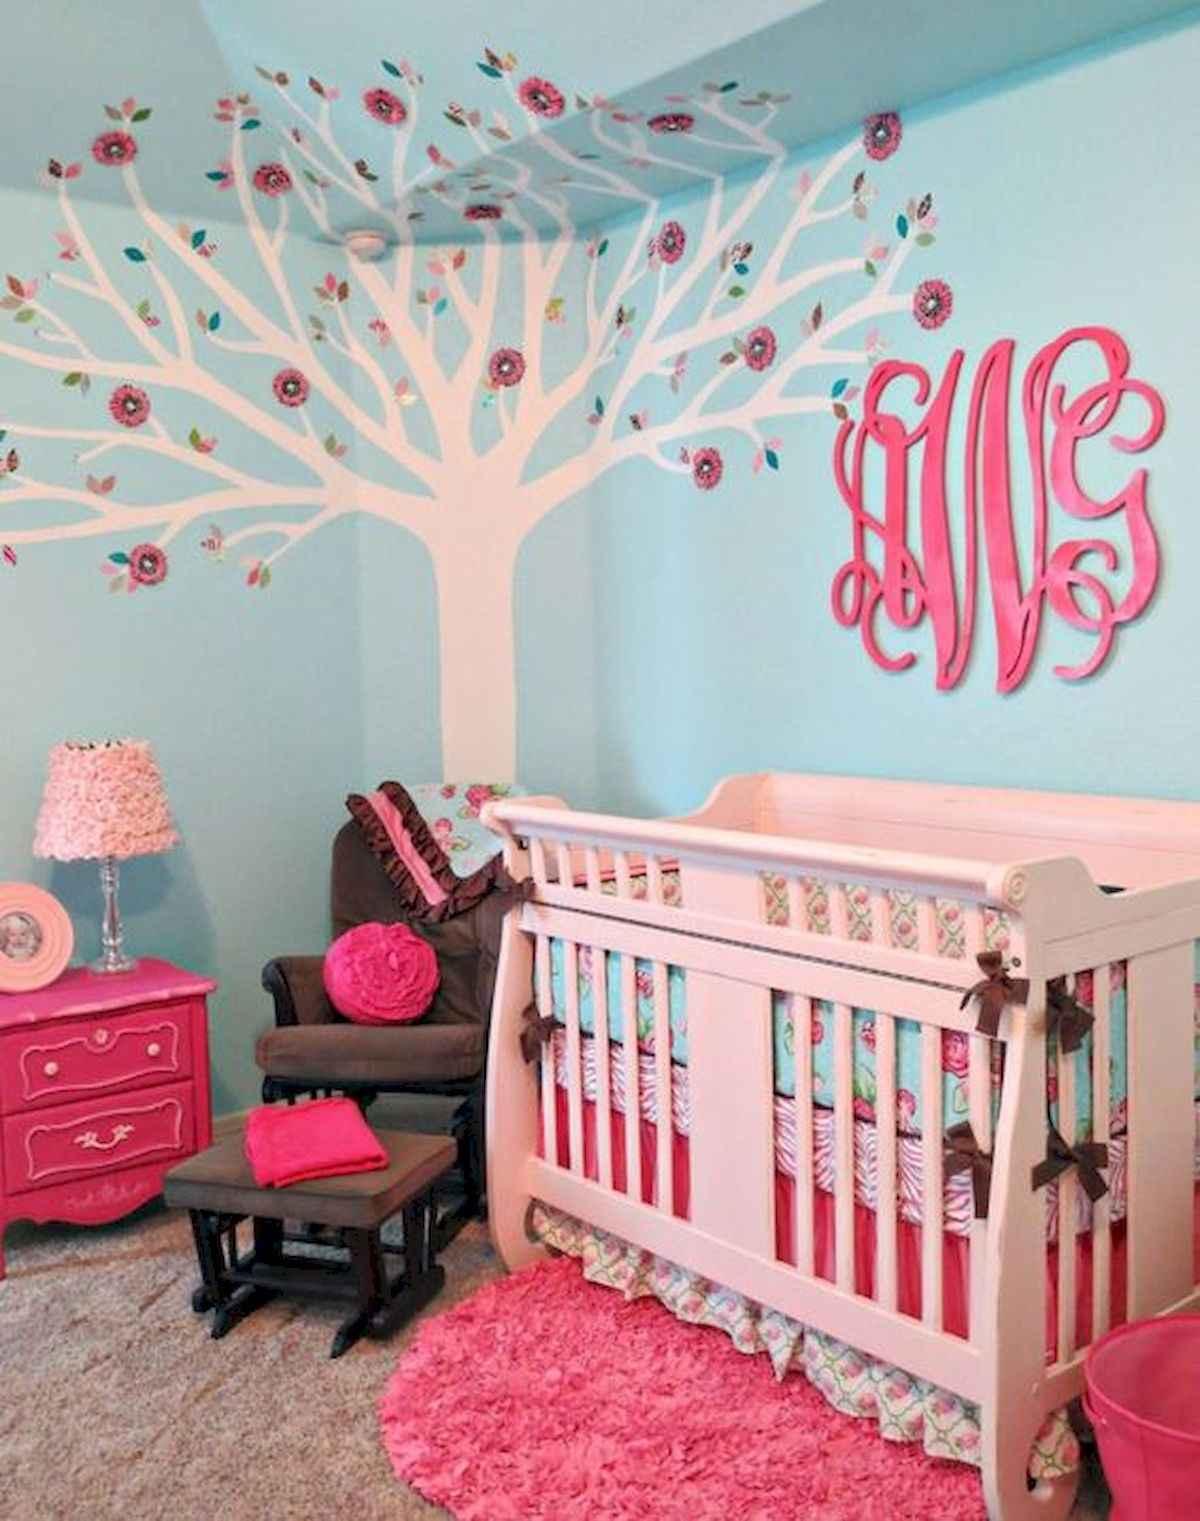 33 Adorable Nursery Room Ideas For Girl (19)